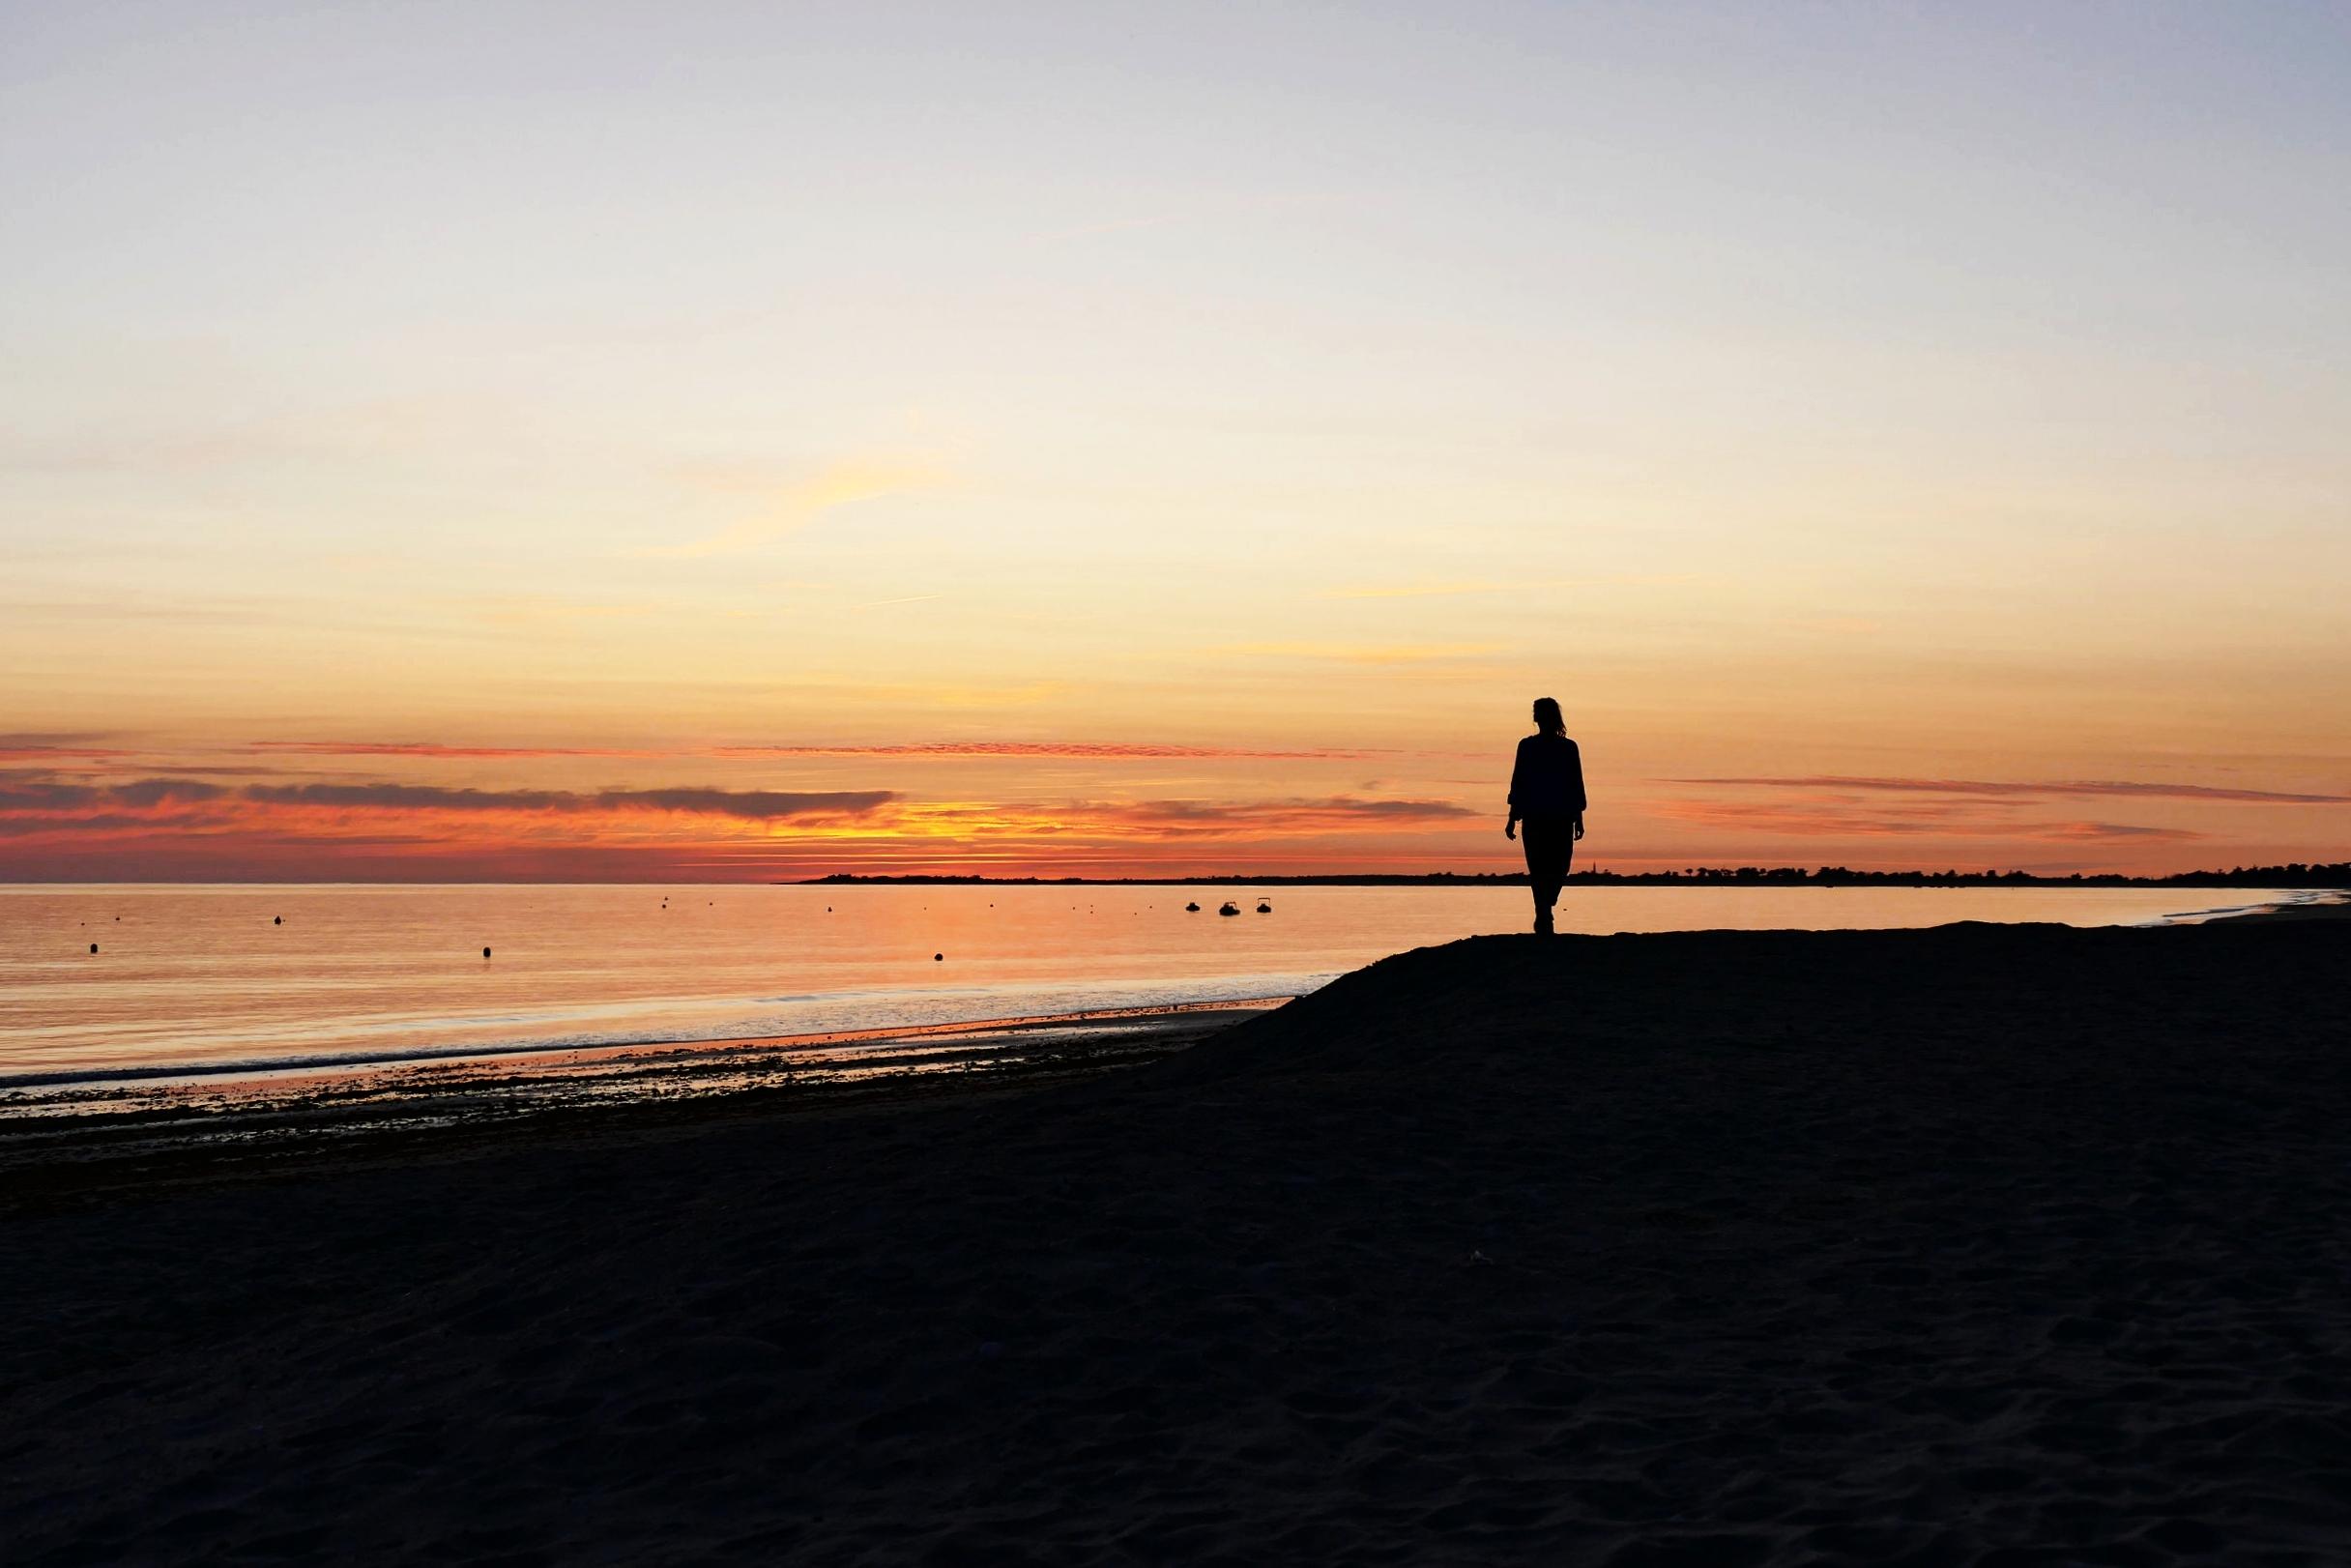 Sunset on Ile de Re